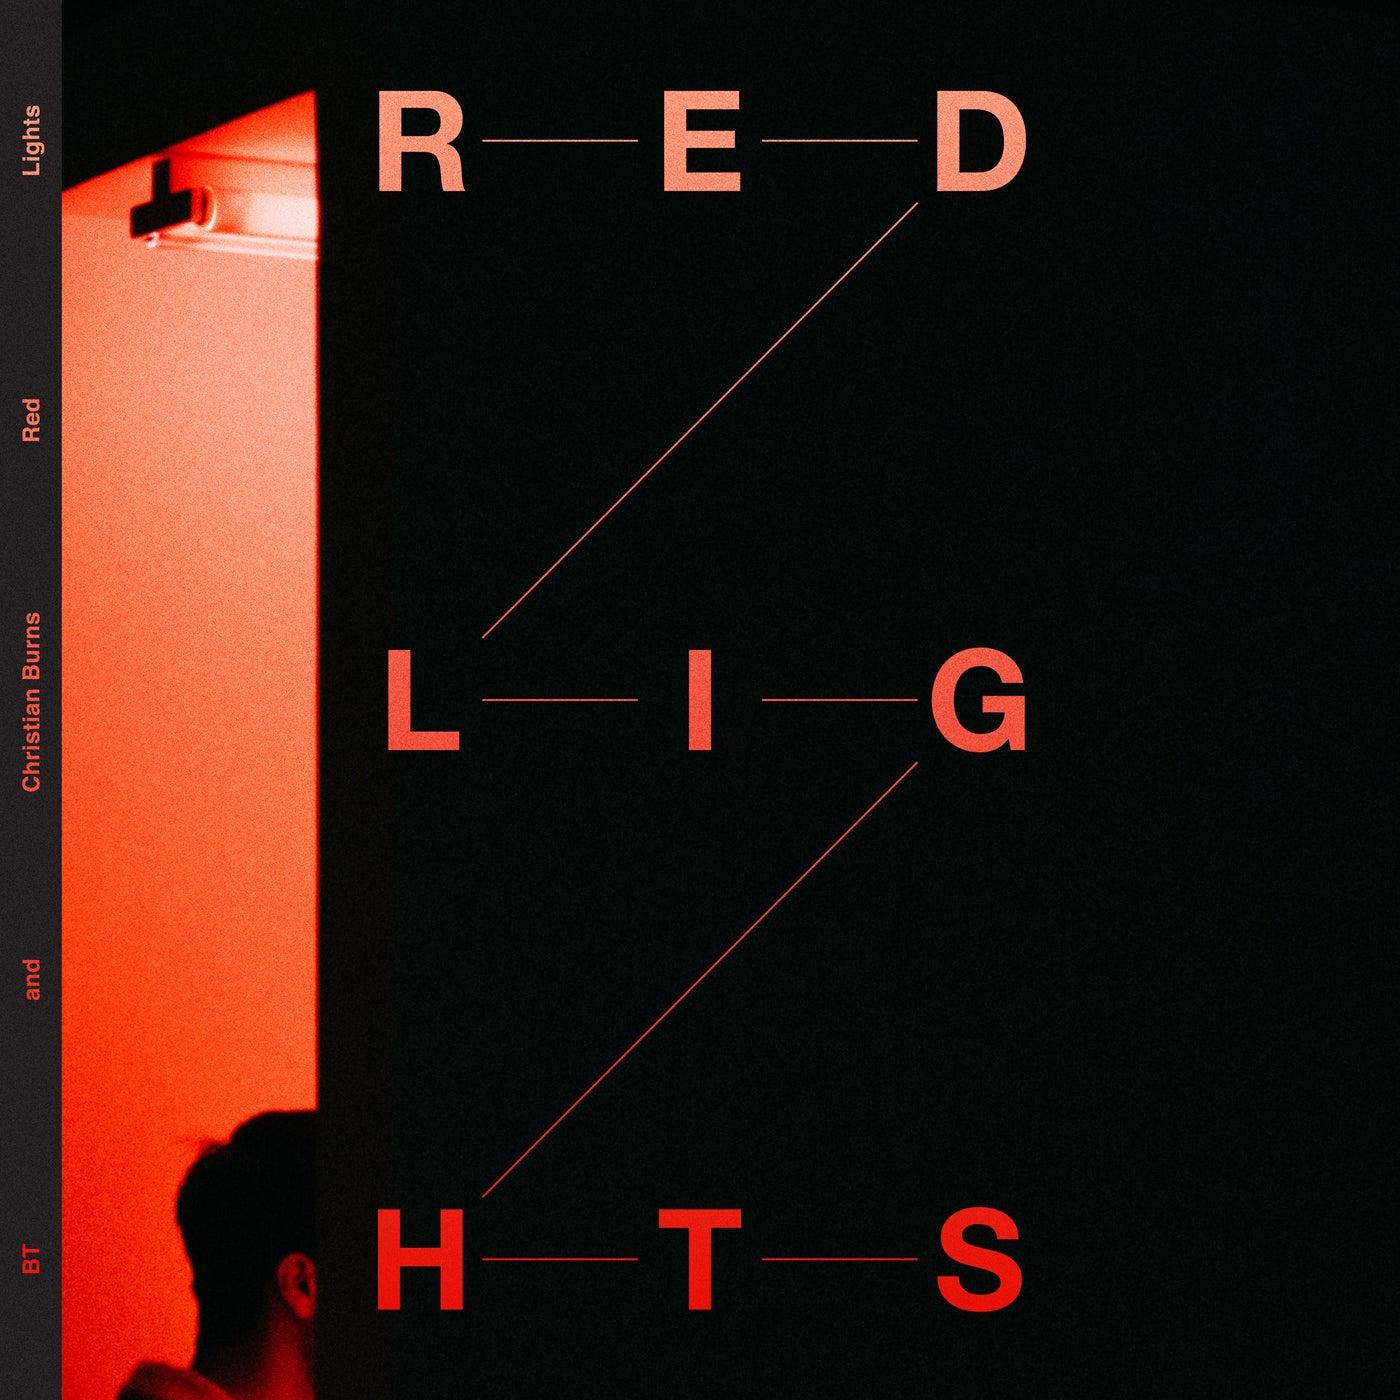 Red Lights (Gabriel & Dresden Extended Remix)